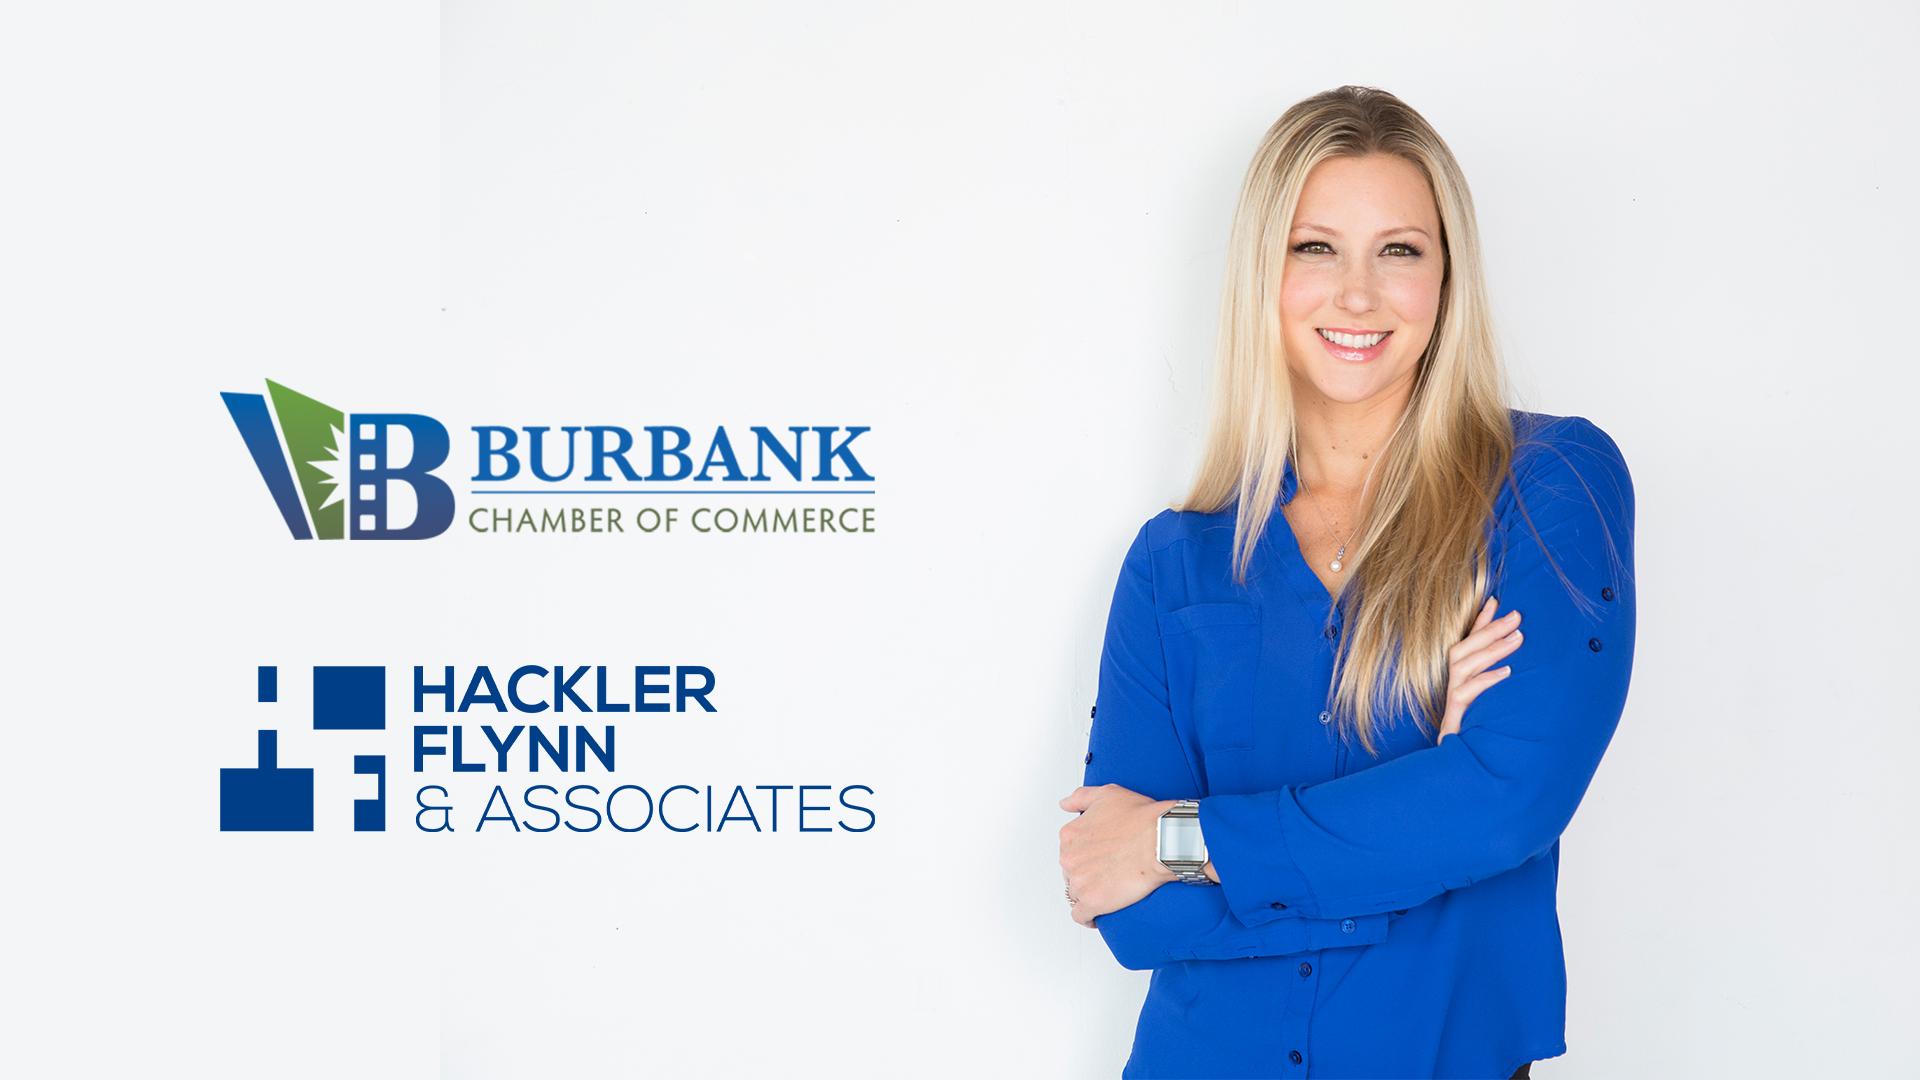 Burbank Chamber of Commerce Hackler Flynn